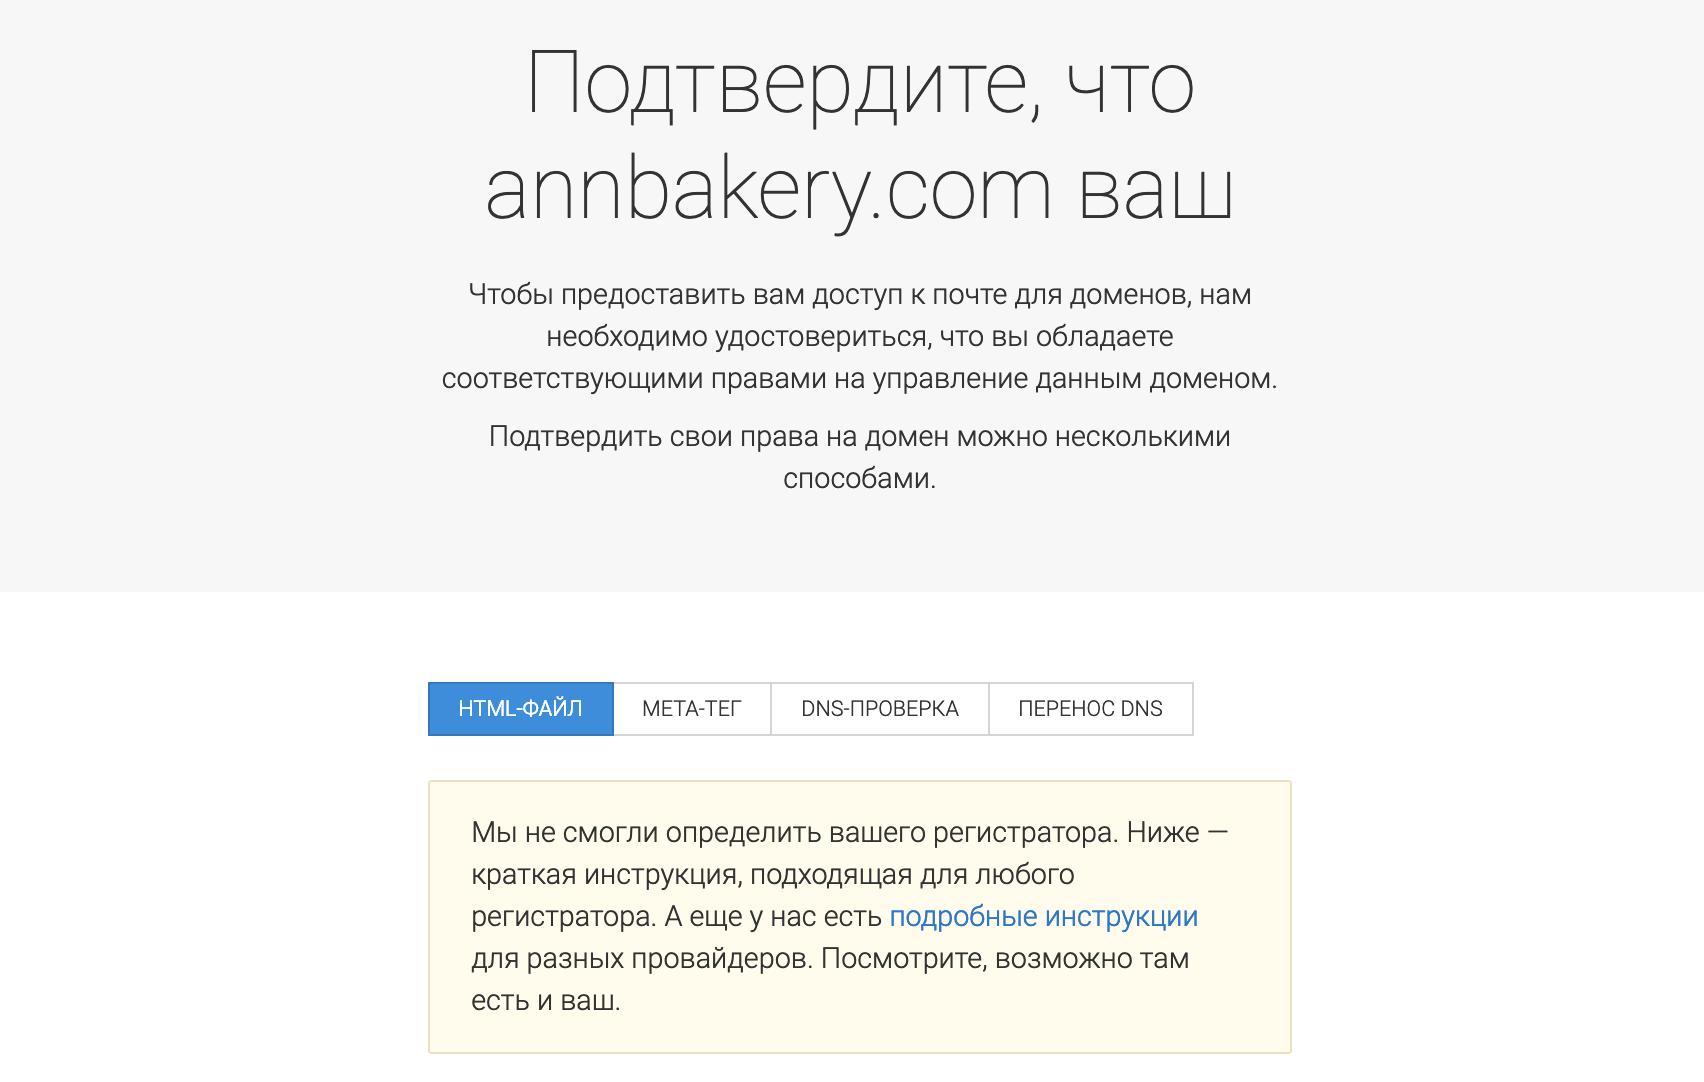 Создать почту на домене